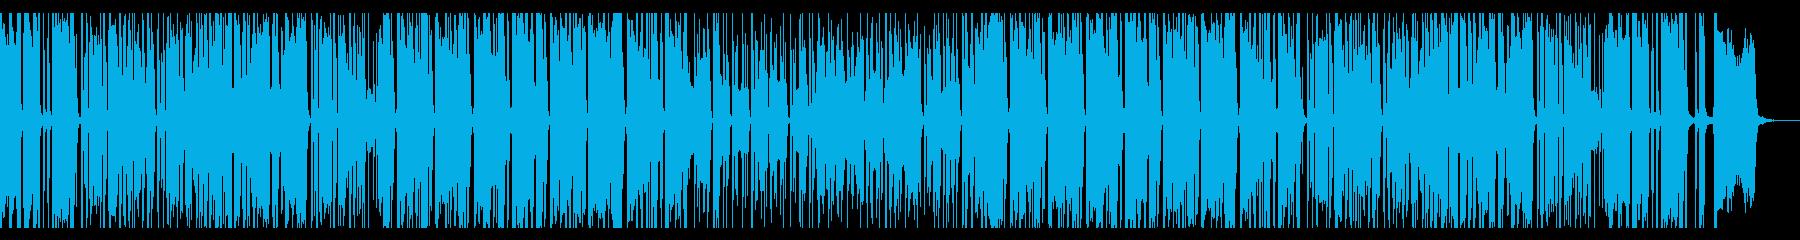 トロピカルムードなブラス活躍のレゲエ曲の再生済みの波形